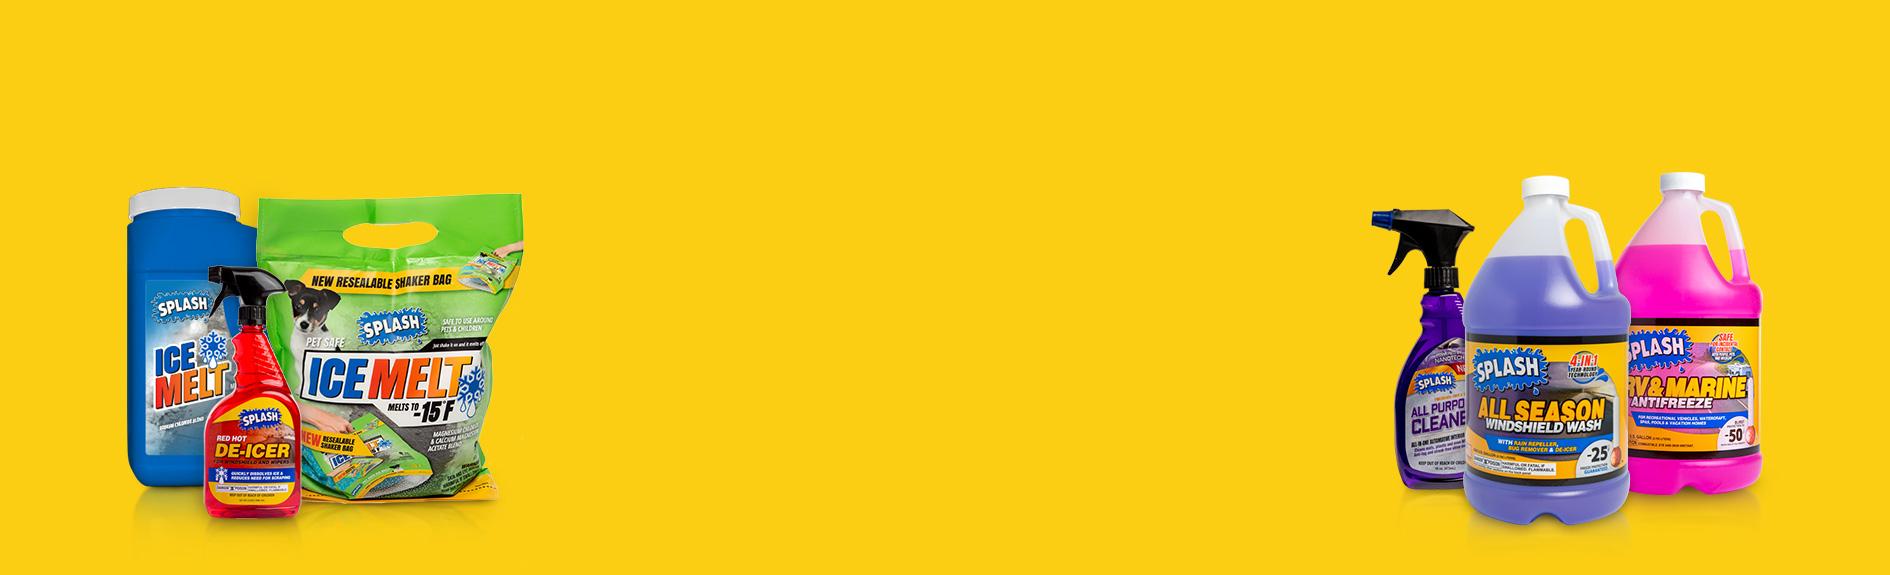 SPLASH_Products_Banner.jpg